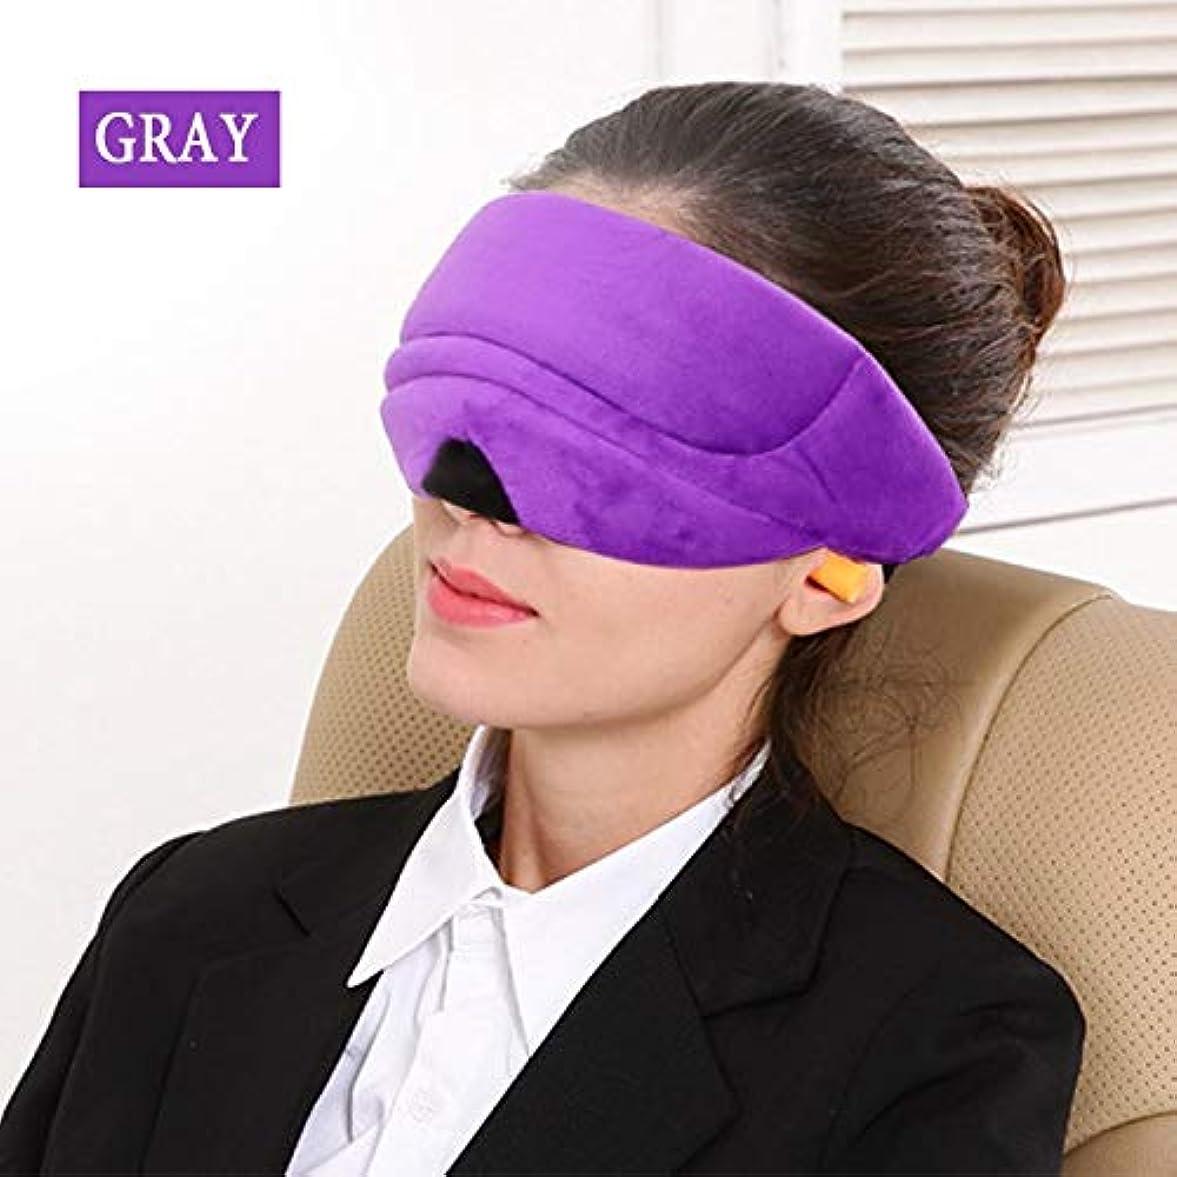 ポスターマラドロイトマトロンNOTE 快適な3 d睡眠アイマスク目隠し付き耳旅行日陰睡眠補助カバーソフトポータブル女性男性アイパッチ